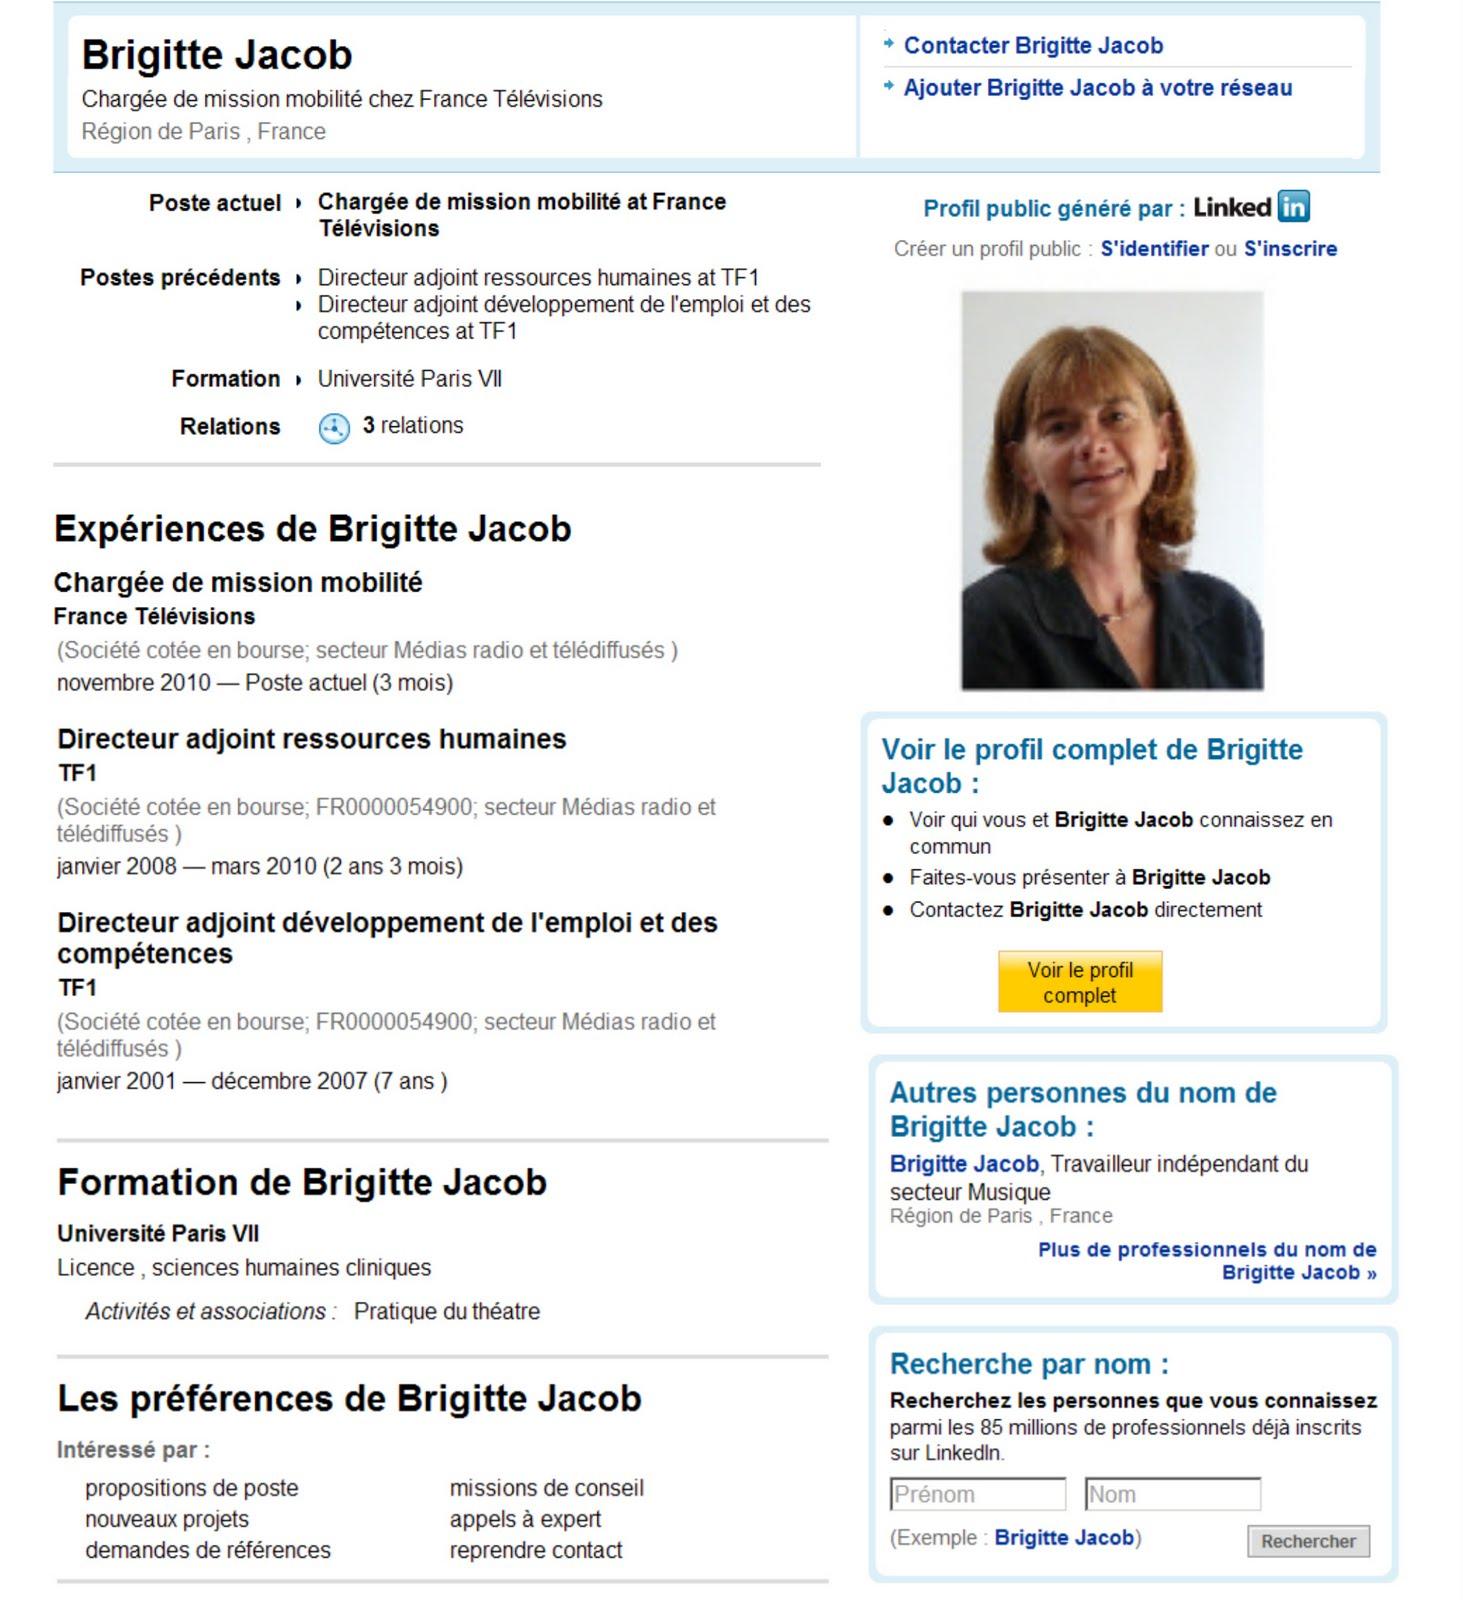 le blog cgc des m u00e9dias  mission d u00e9graissage  u00e0 france